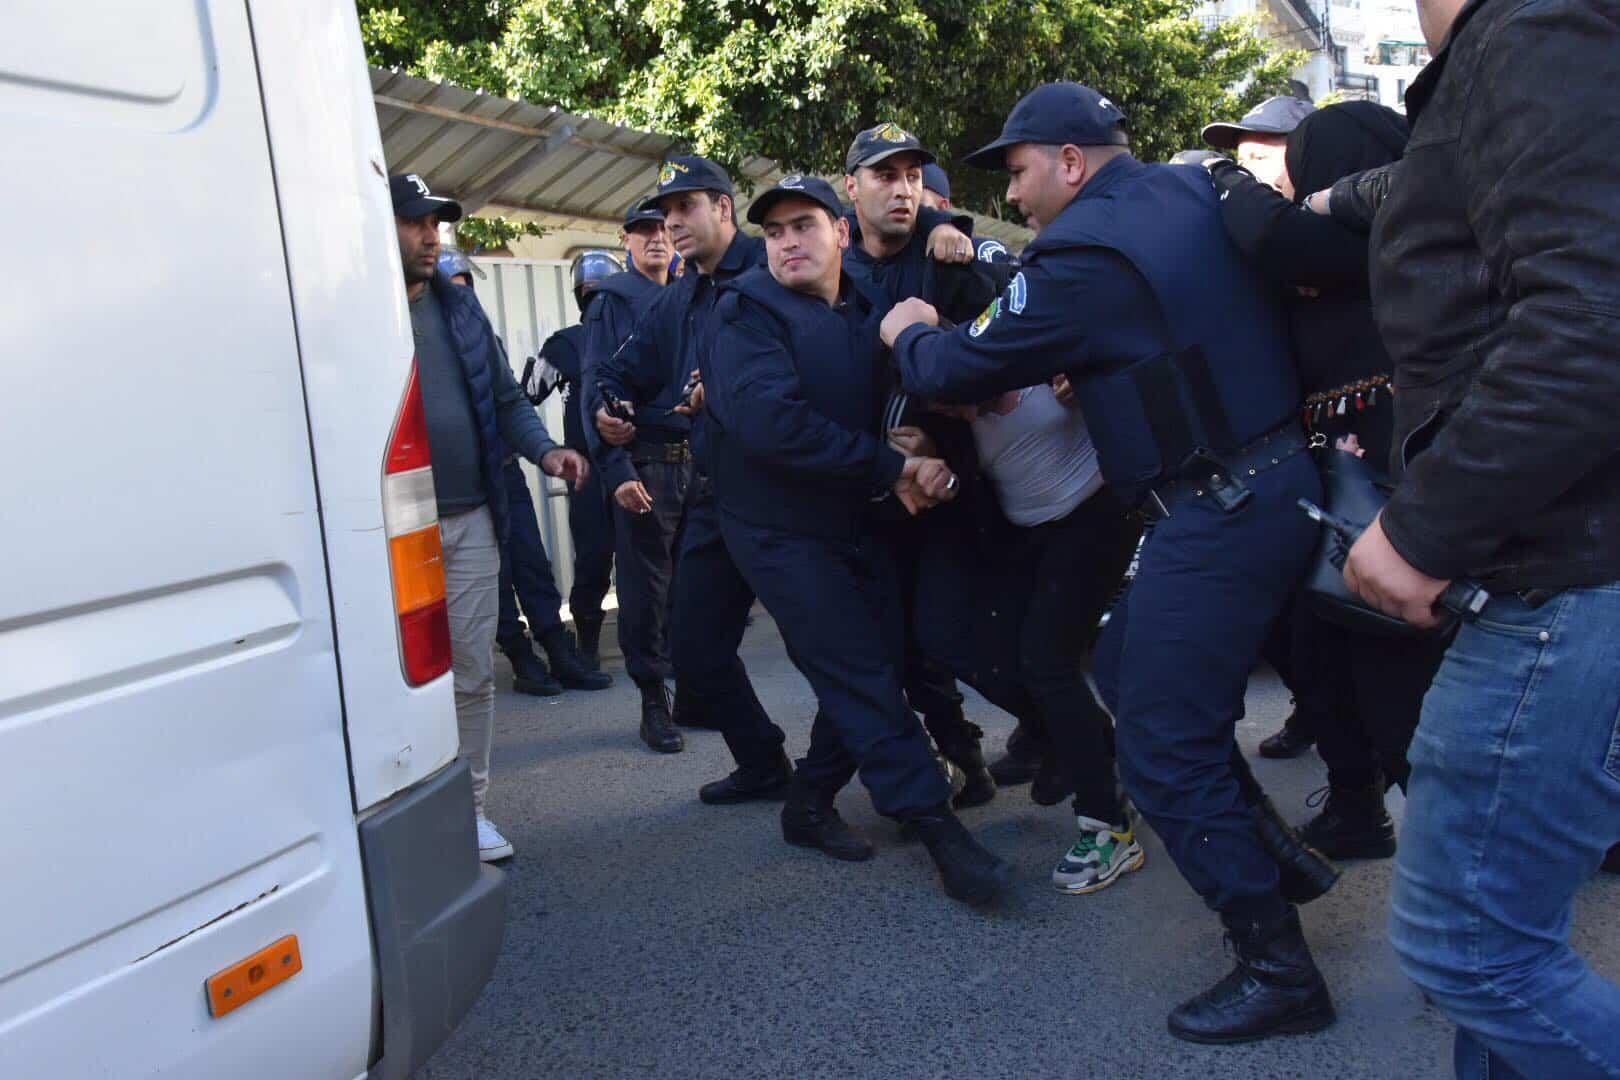 © Interlignes, photo archive| Arrestation des étudiants lors des manifestations contre le pouvoir et la désignation de Bensalah à la tête de l'Etat